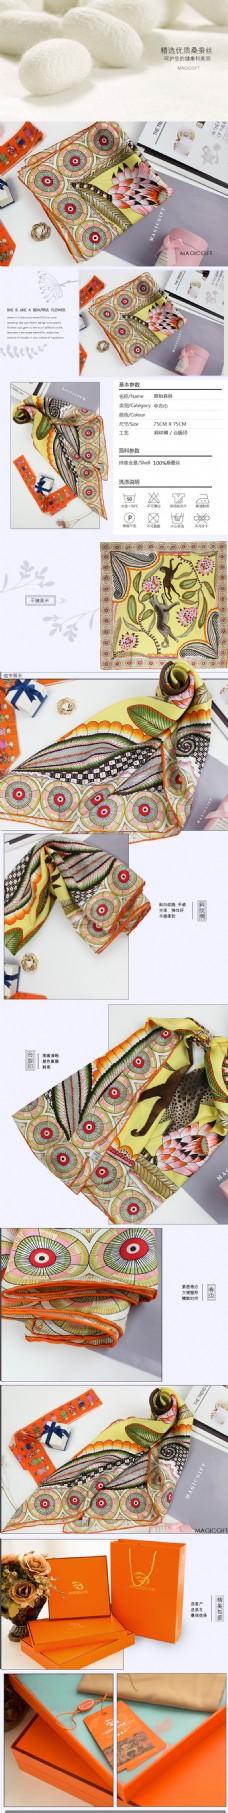 丝巾淘宝详情页